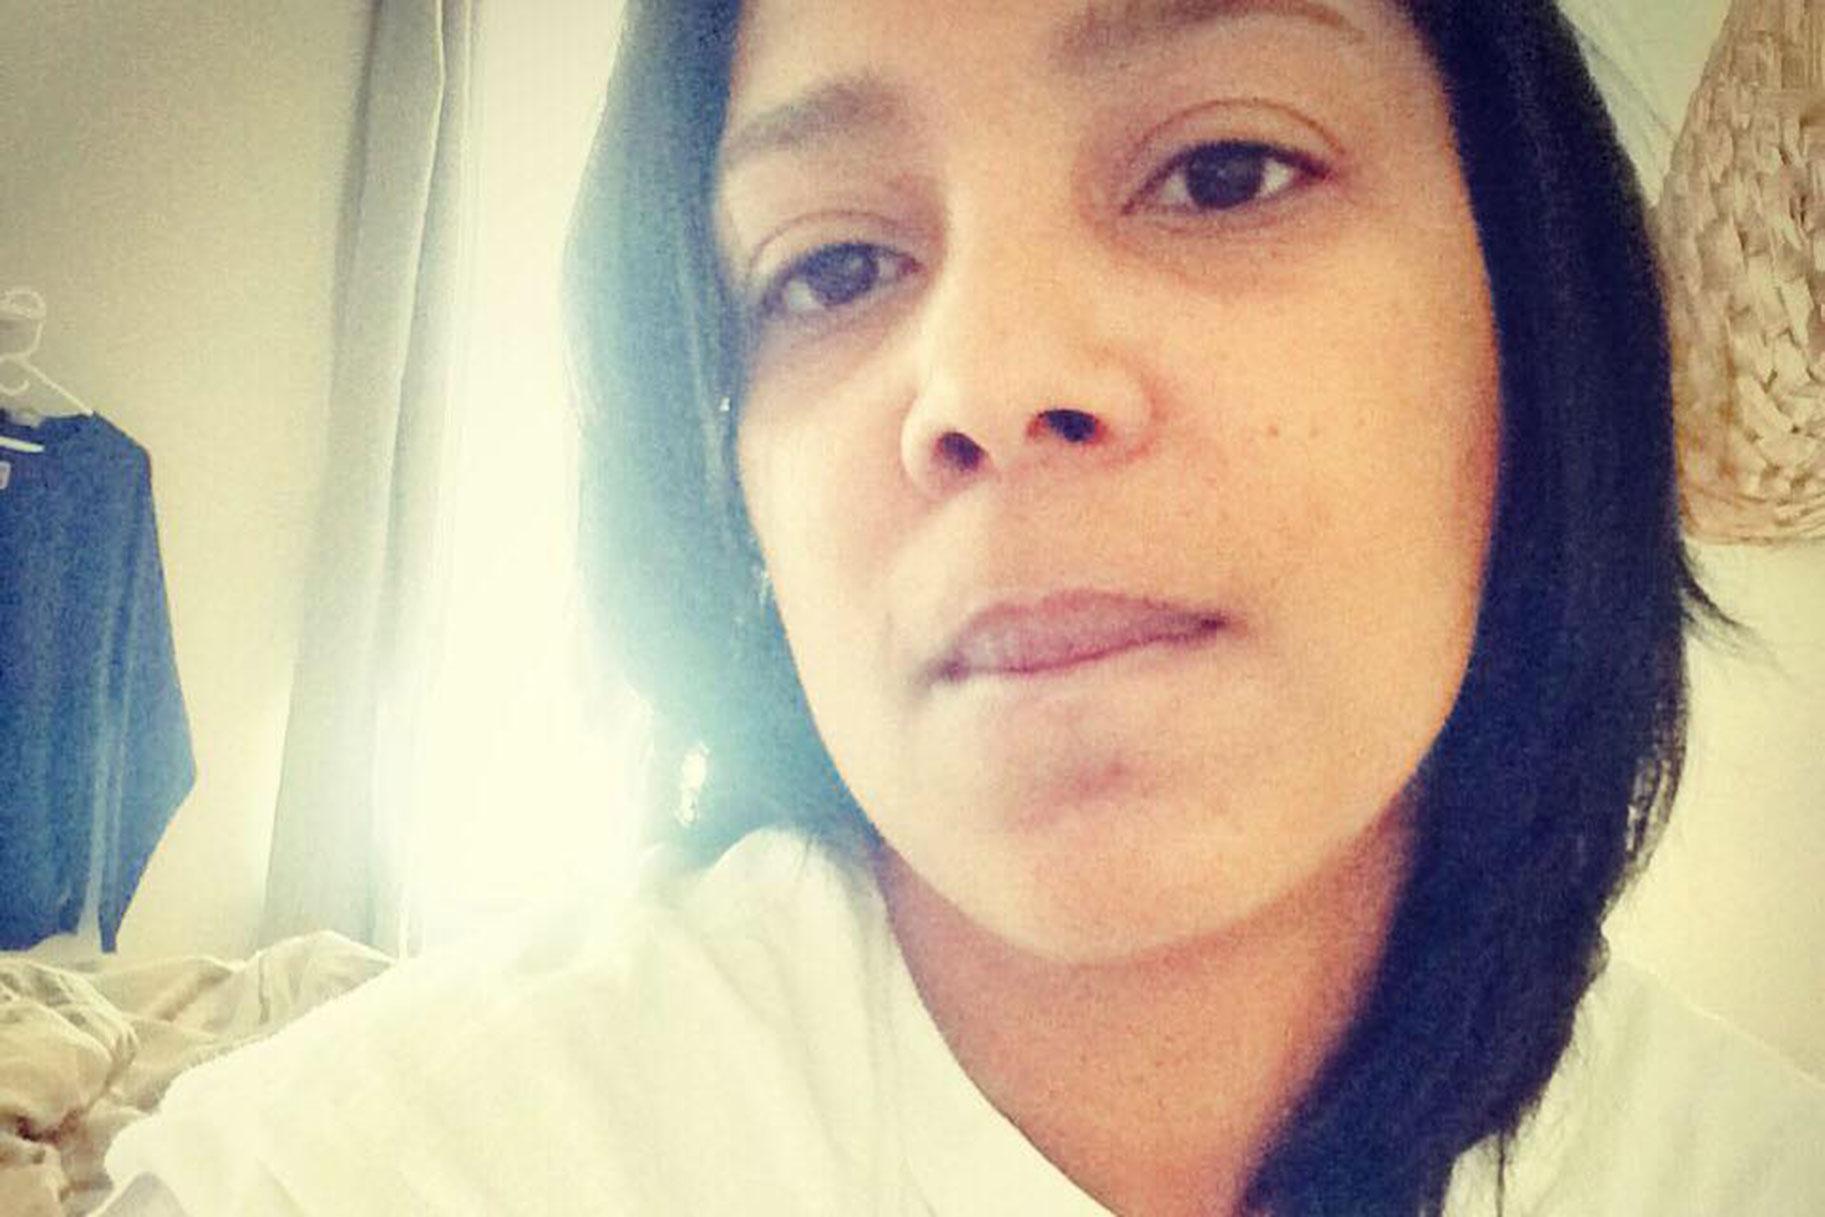 'Ne verjamem, da je bila resnica že povedana': Družinska vprašanja, če je rasizem igral vlogo v smrti mame pri spanju